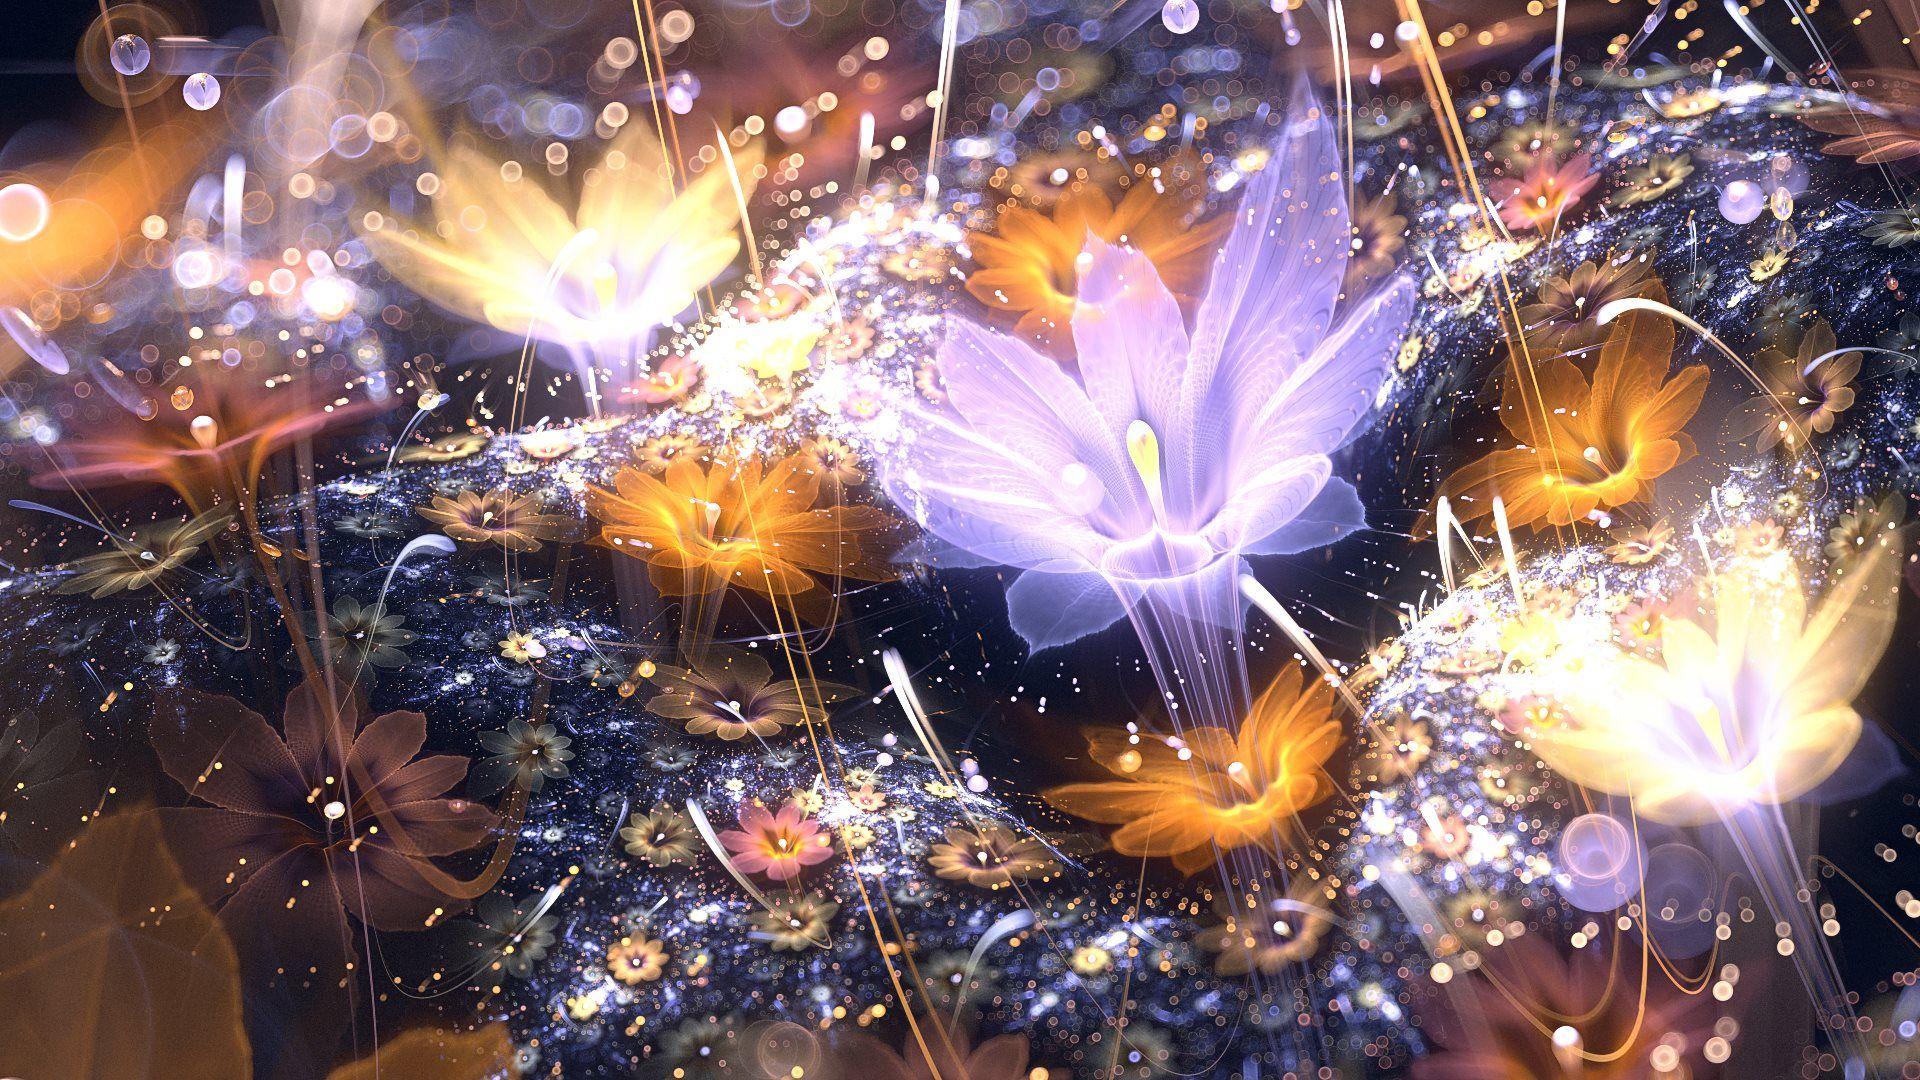 3d Abstract Fractal Art Abstract Art Fractal 3d Flowers Hd